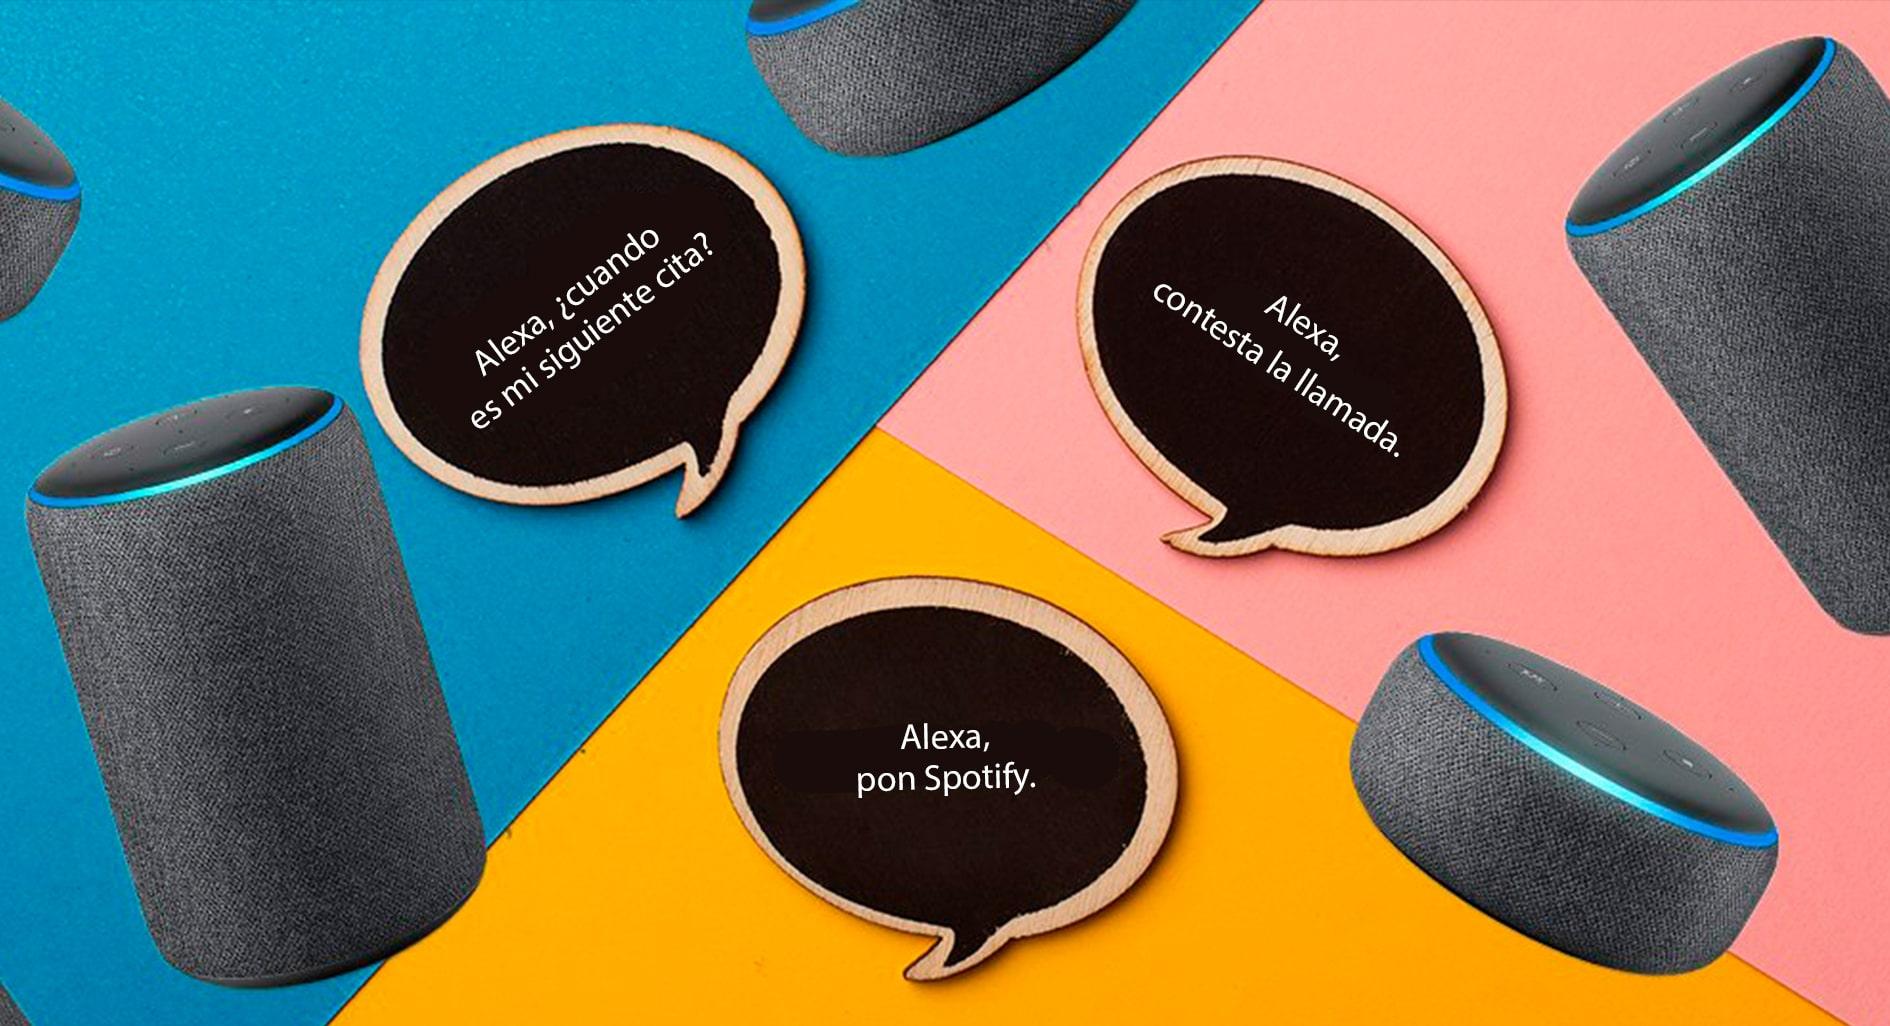 Comandos para Alexa (Amazon Echo)